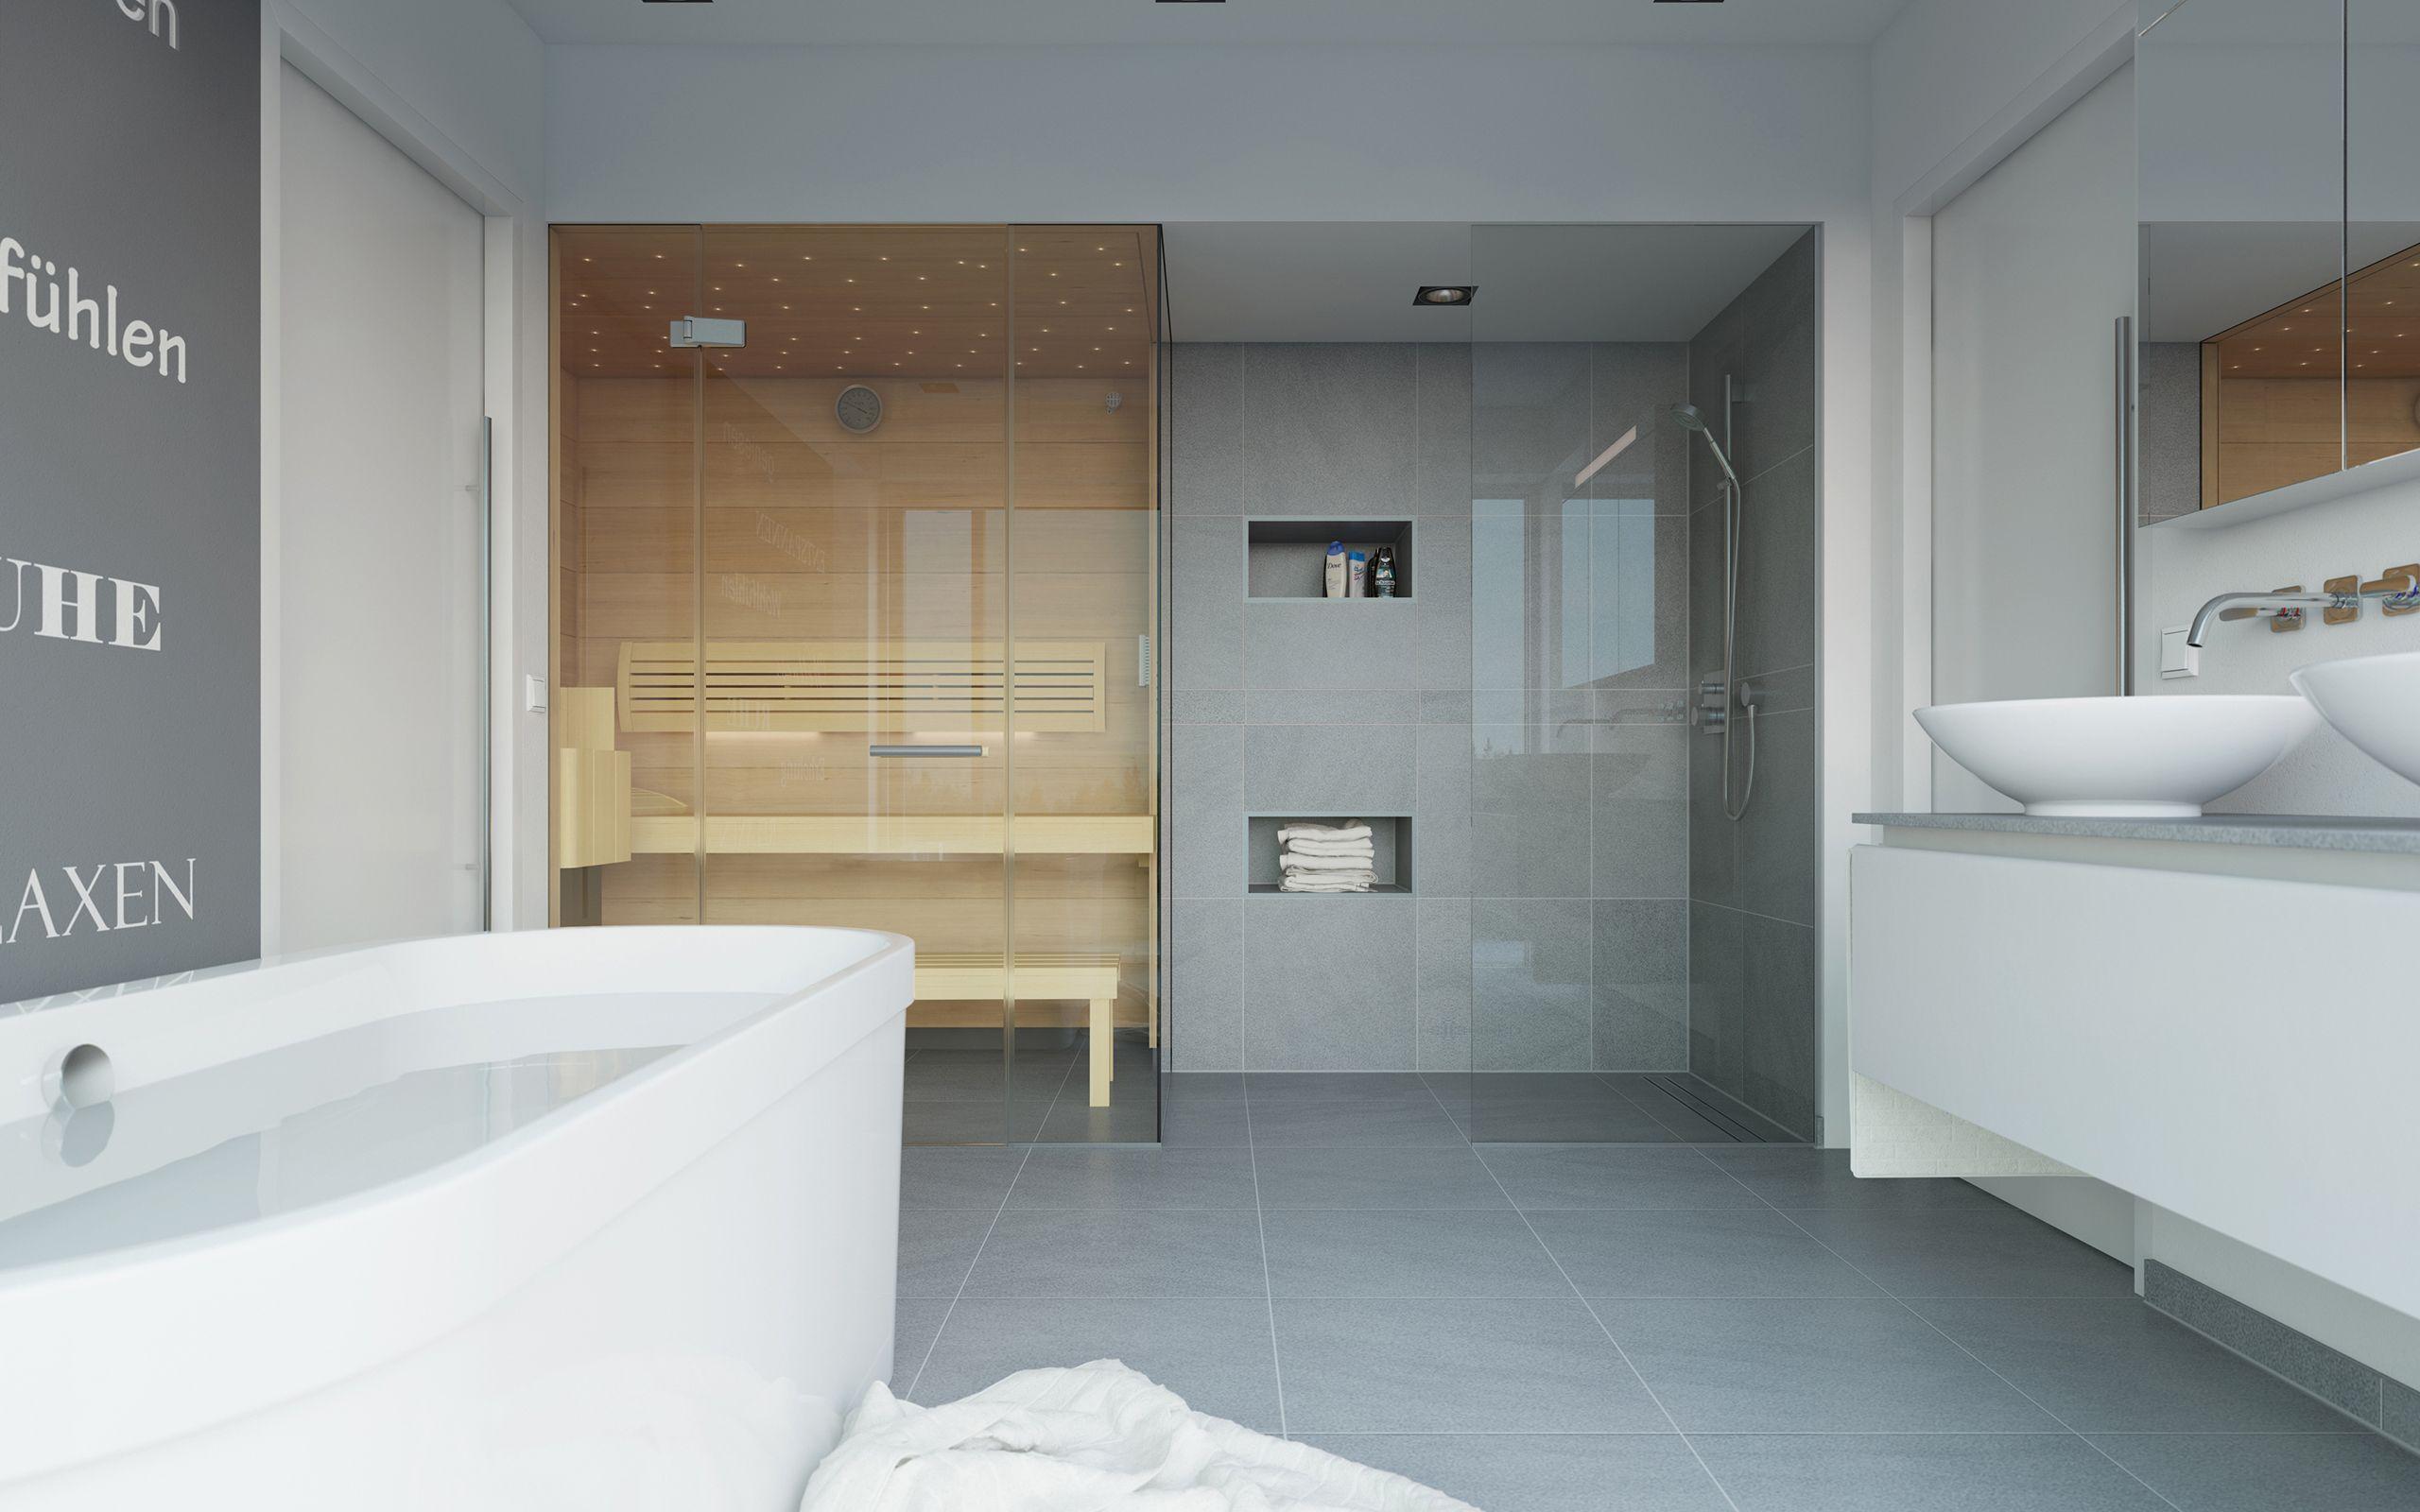 Seit Es Saunen Gibt Weiss Man Vollige Entspannung Beginnt Im Kopf Klafs Bietet Ihnen Professionel Badezimmer Mit Sauna Luxus Badezimmer Badezimmereinrichtung